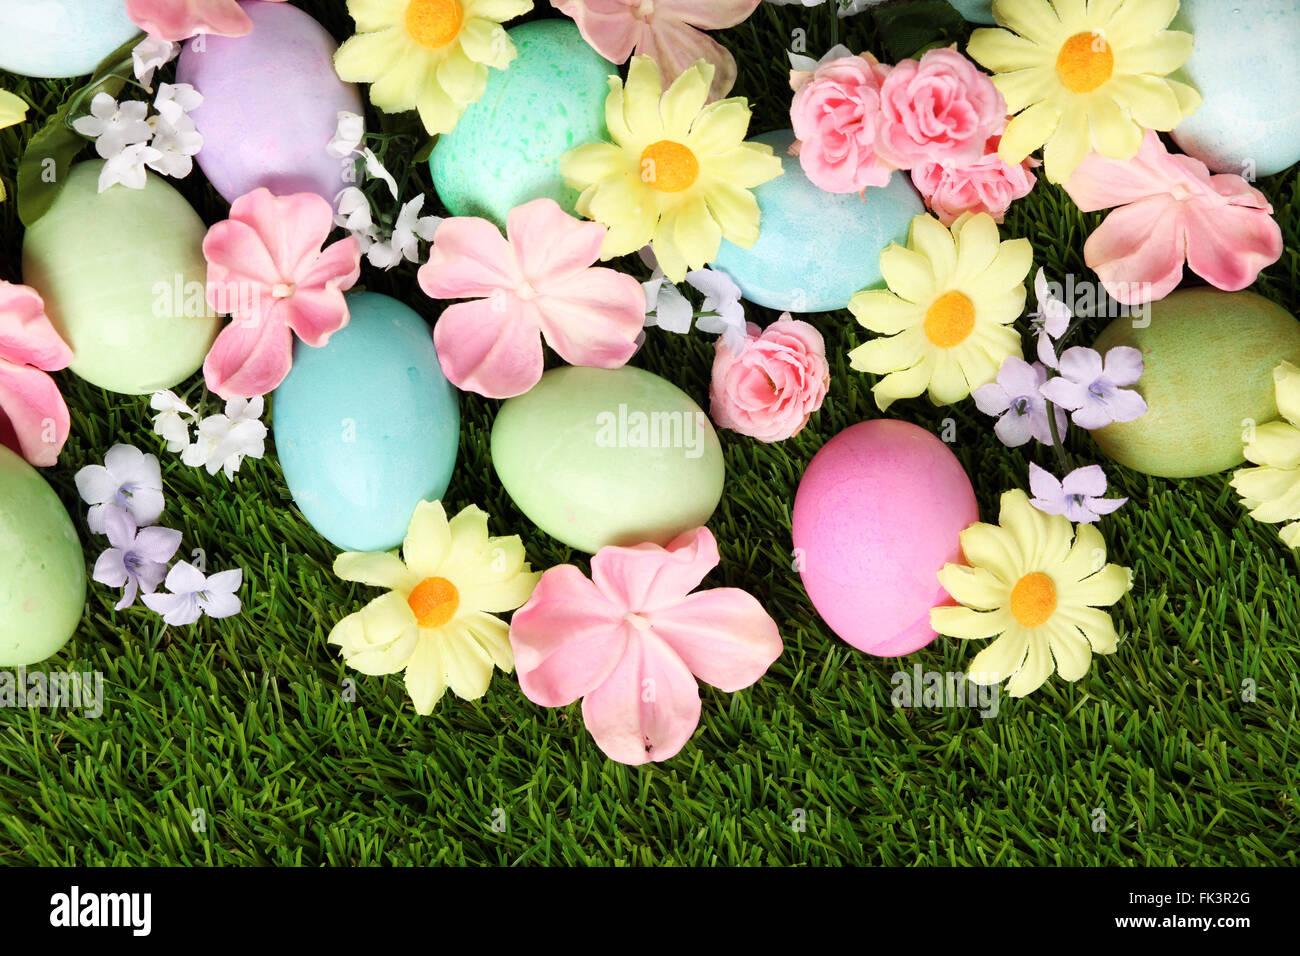 Bunte Ostereier auf dem Rasen mit Blumen Hintergrund Stockbild